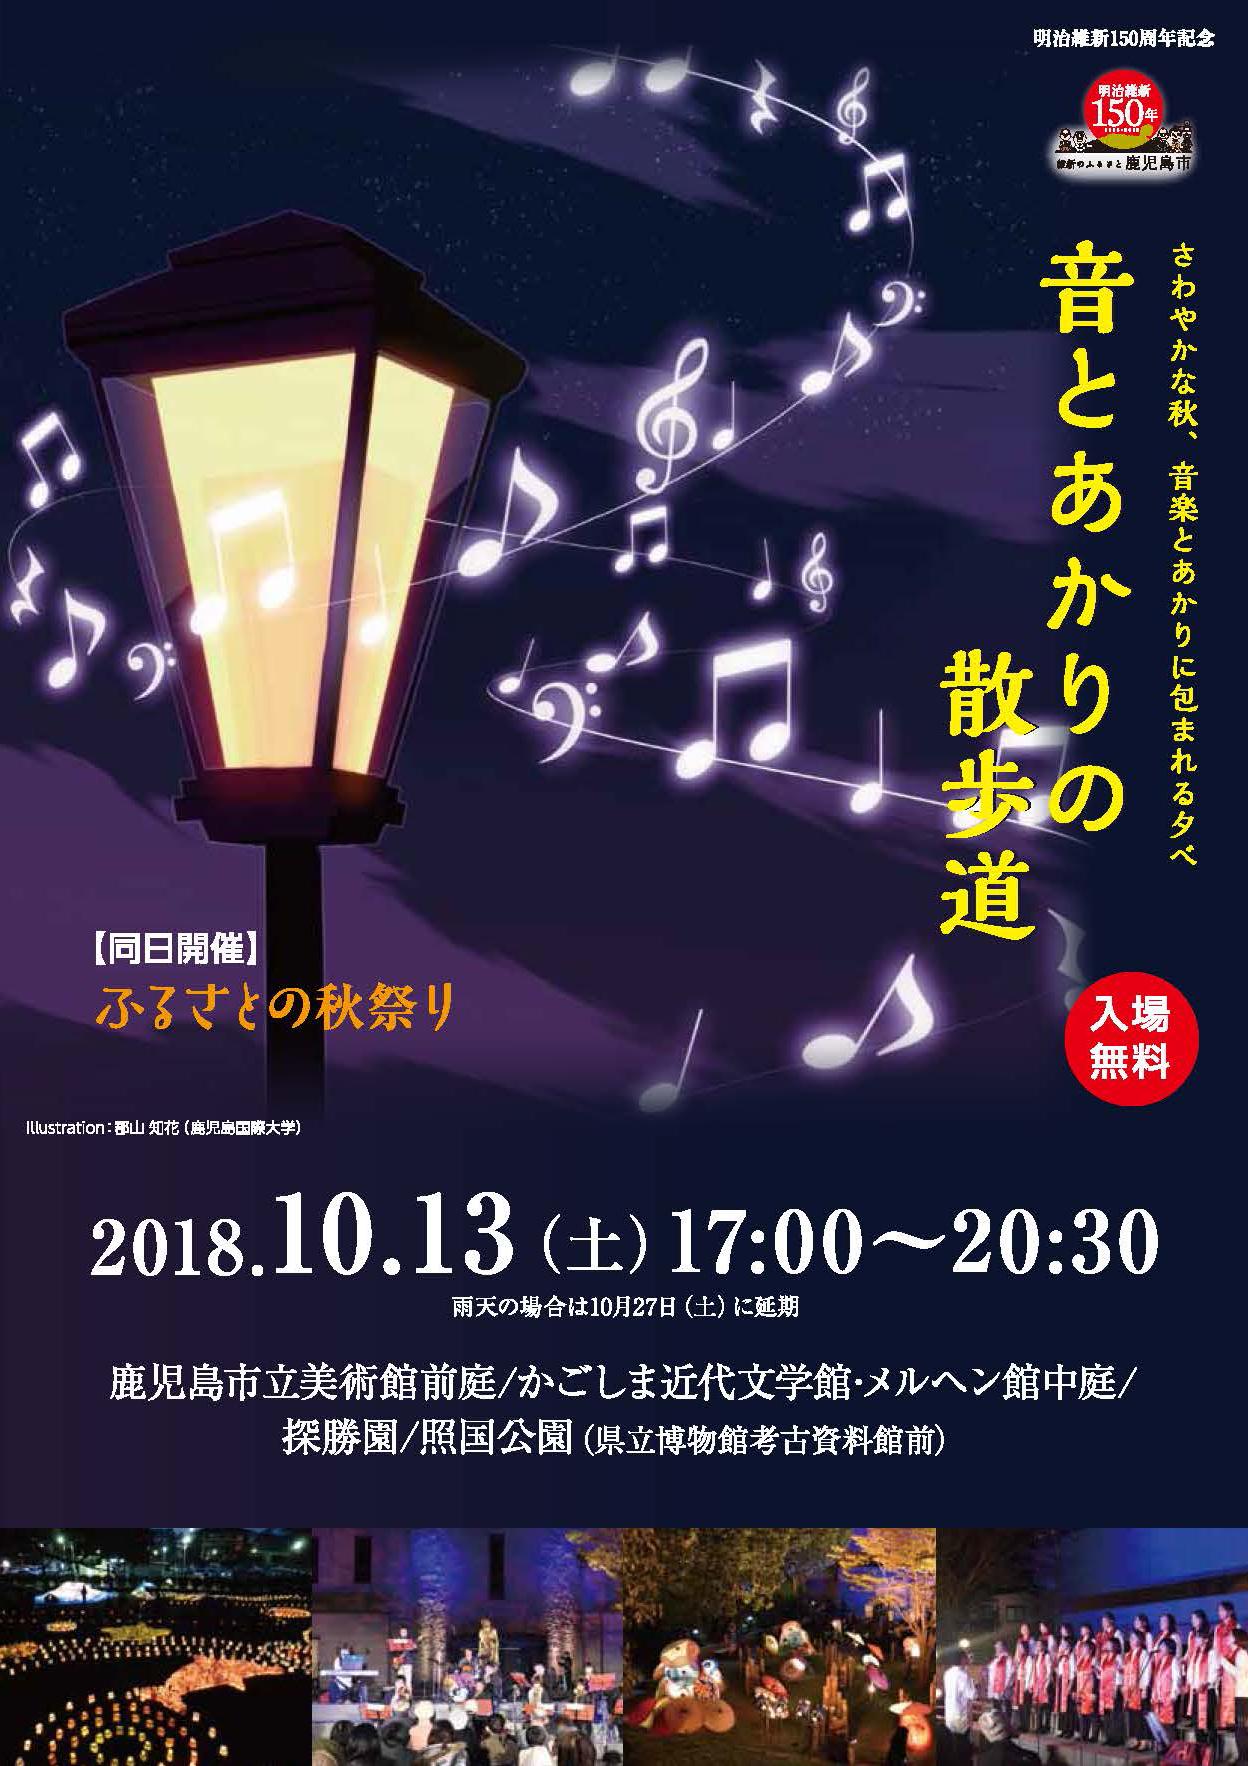 音とあかりの散歩道 【同日開催】ふるさとの秋祭り 2018.10.13